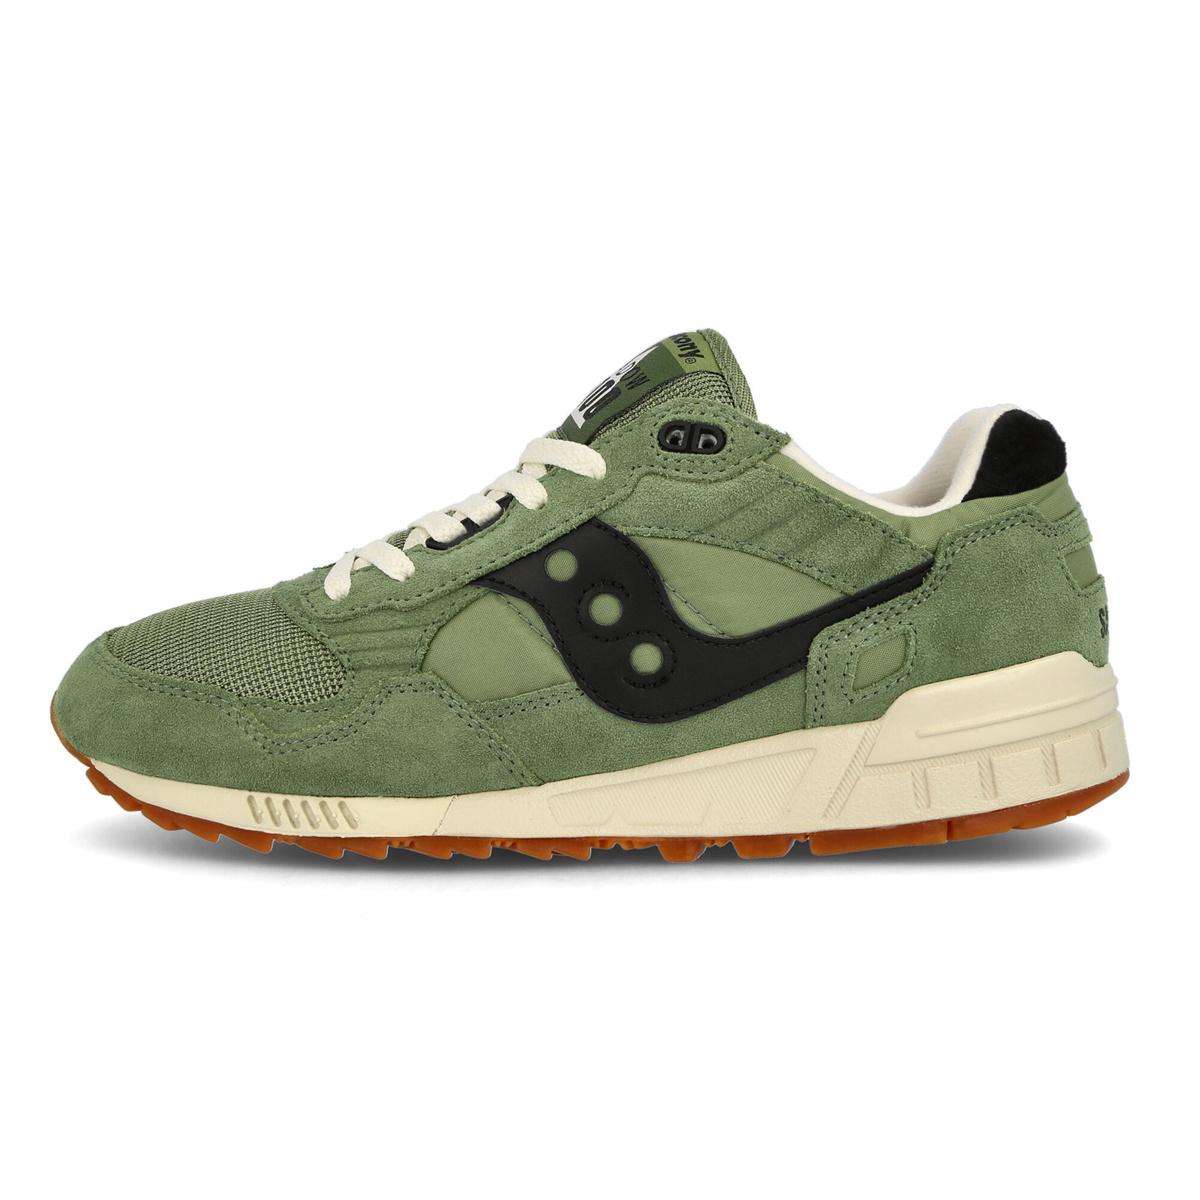 Saucony Shadow 5000 (Green/Gum) S70404-48